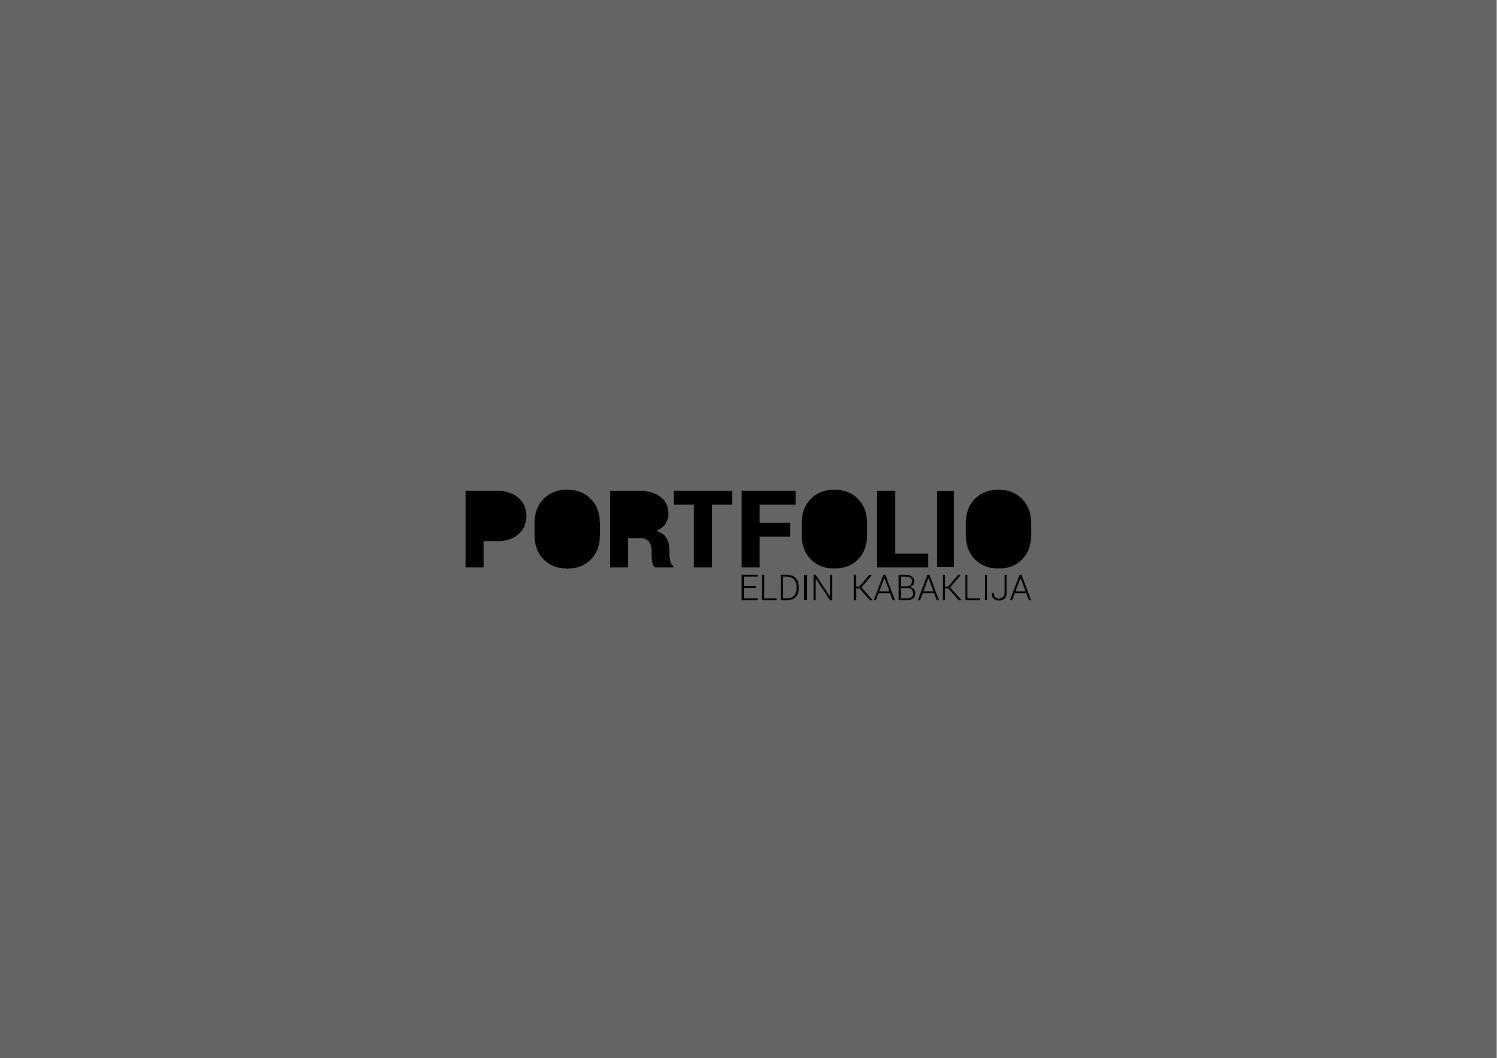 Architektur portfolio eldin kabaklija by eldin for Portfolio architektur